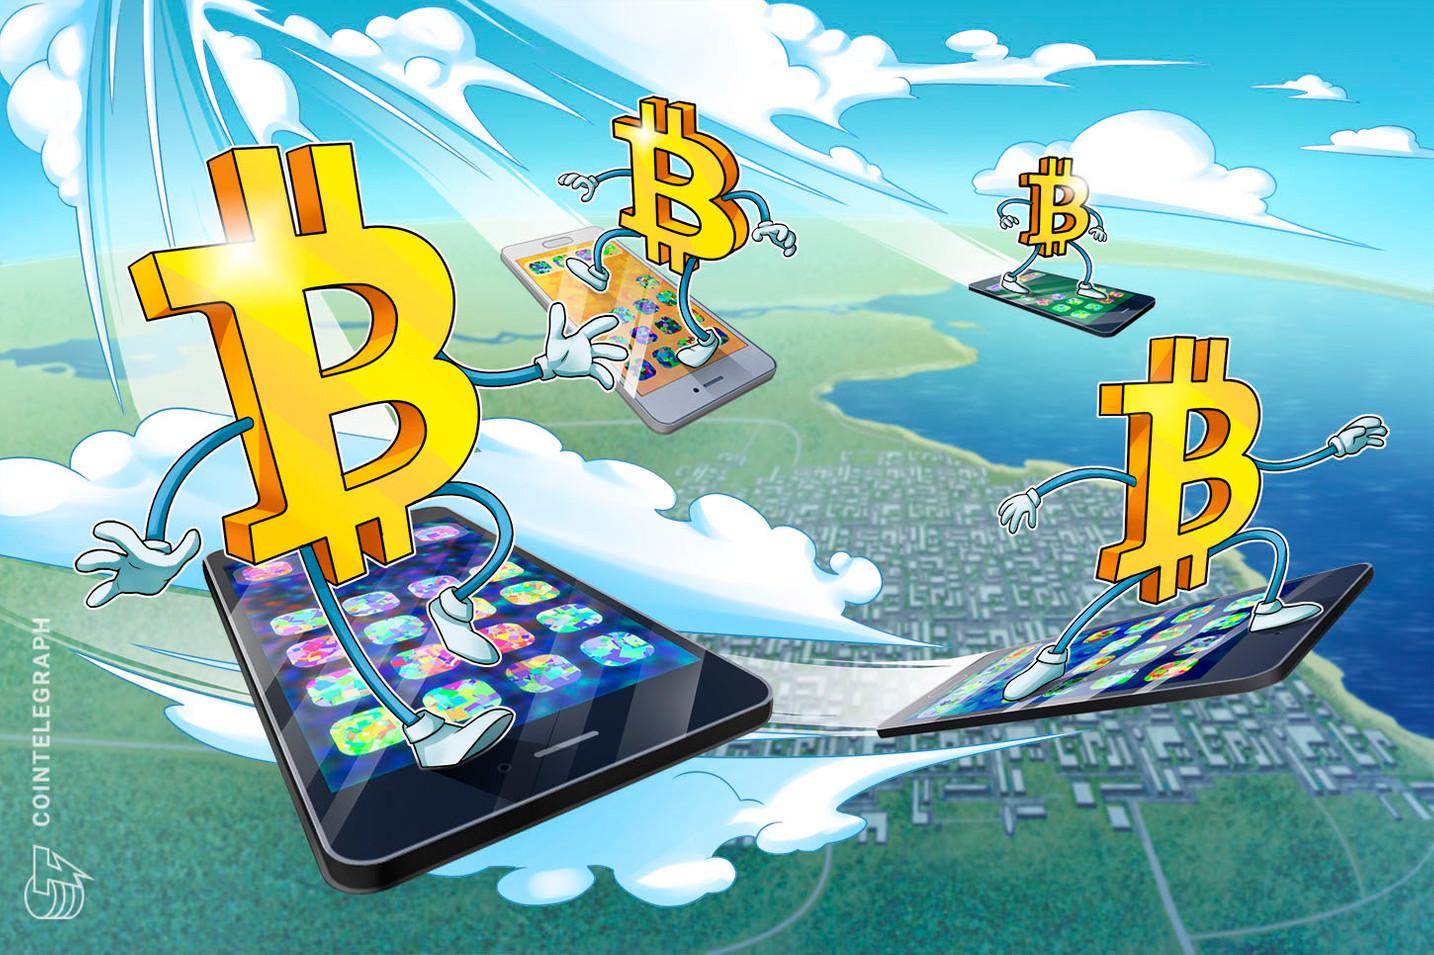 AXA bietet als erste Schweizer Versicherung Zahlungen in Bitcoin an